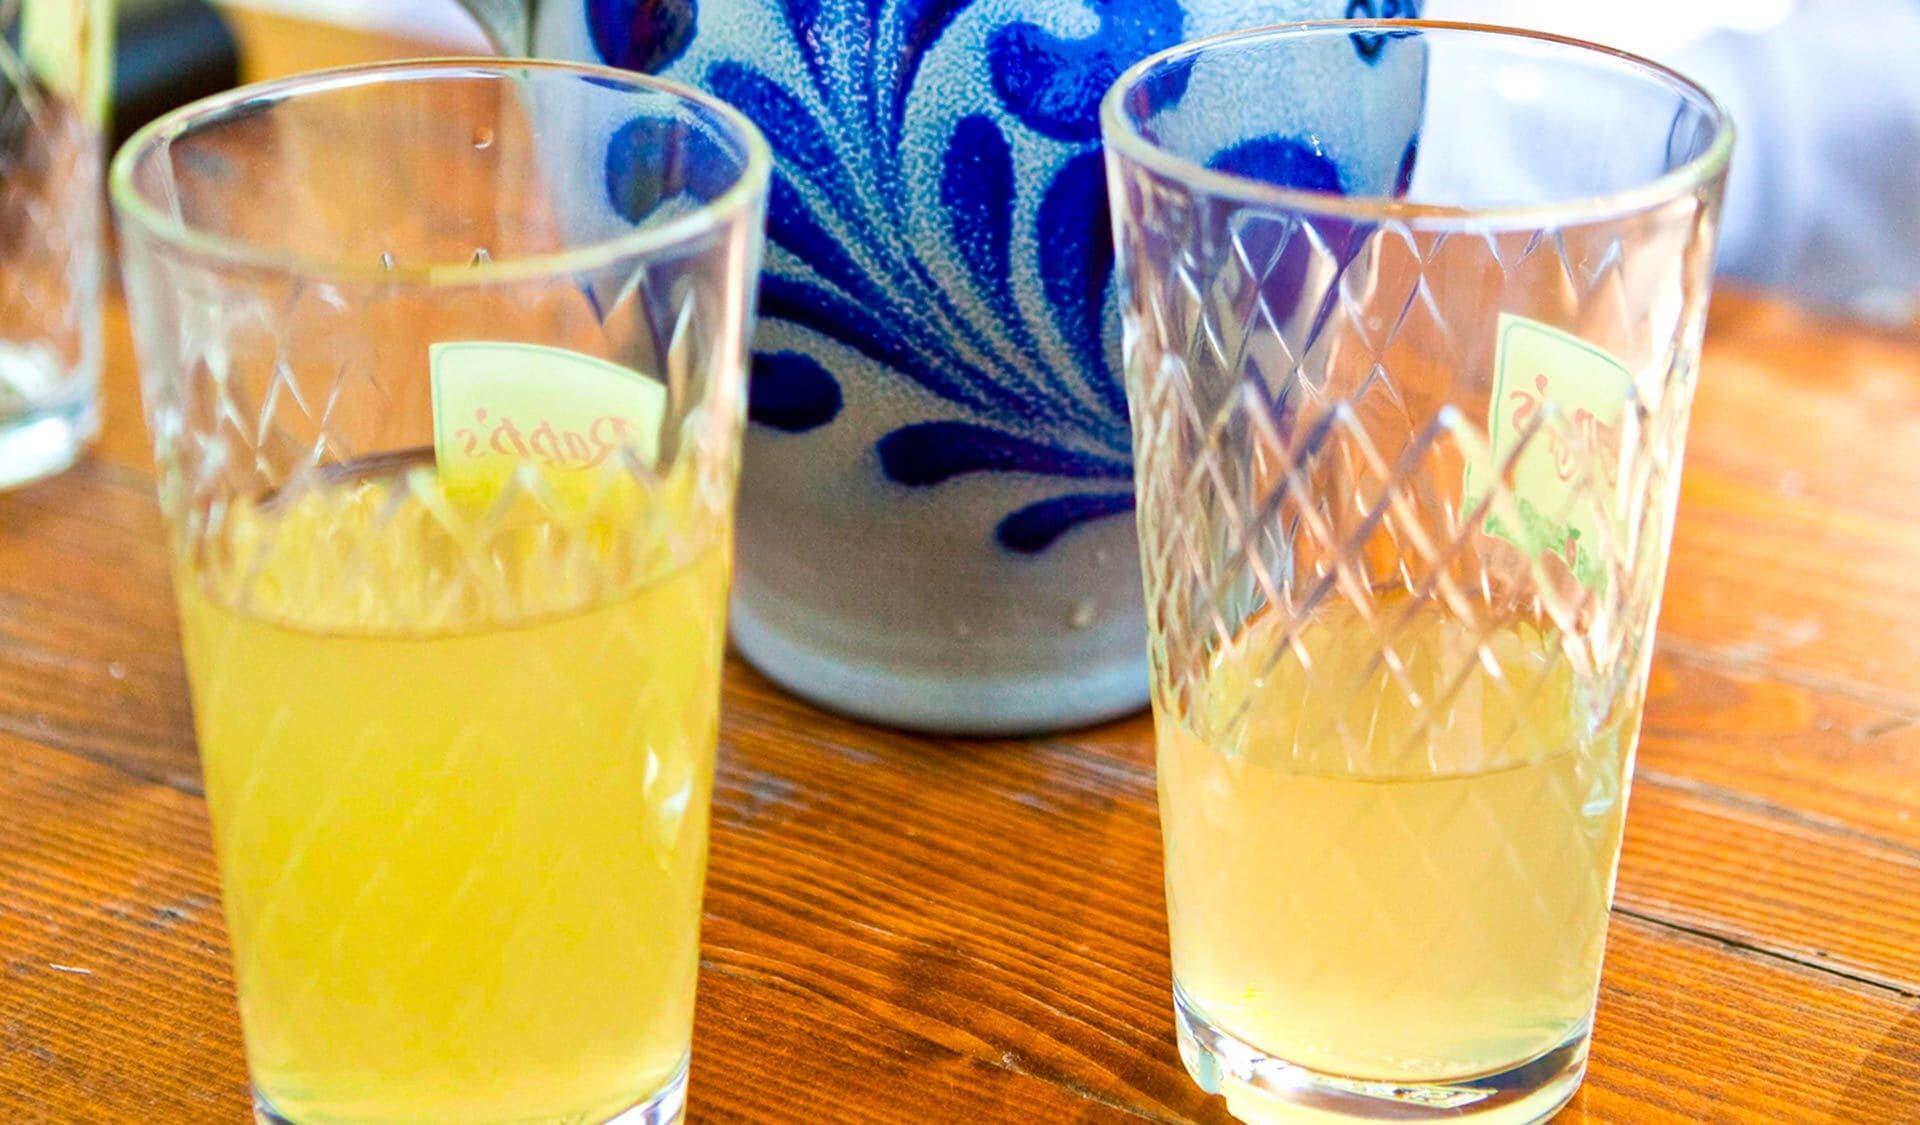 Apfelwein in zwei Gläsern mit Bembel